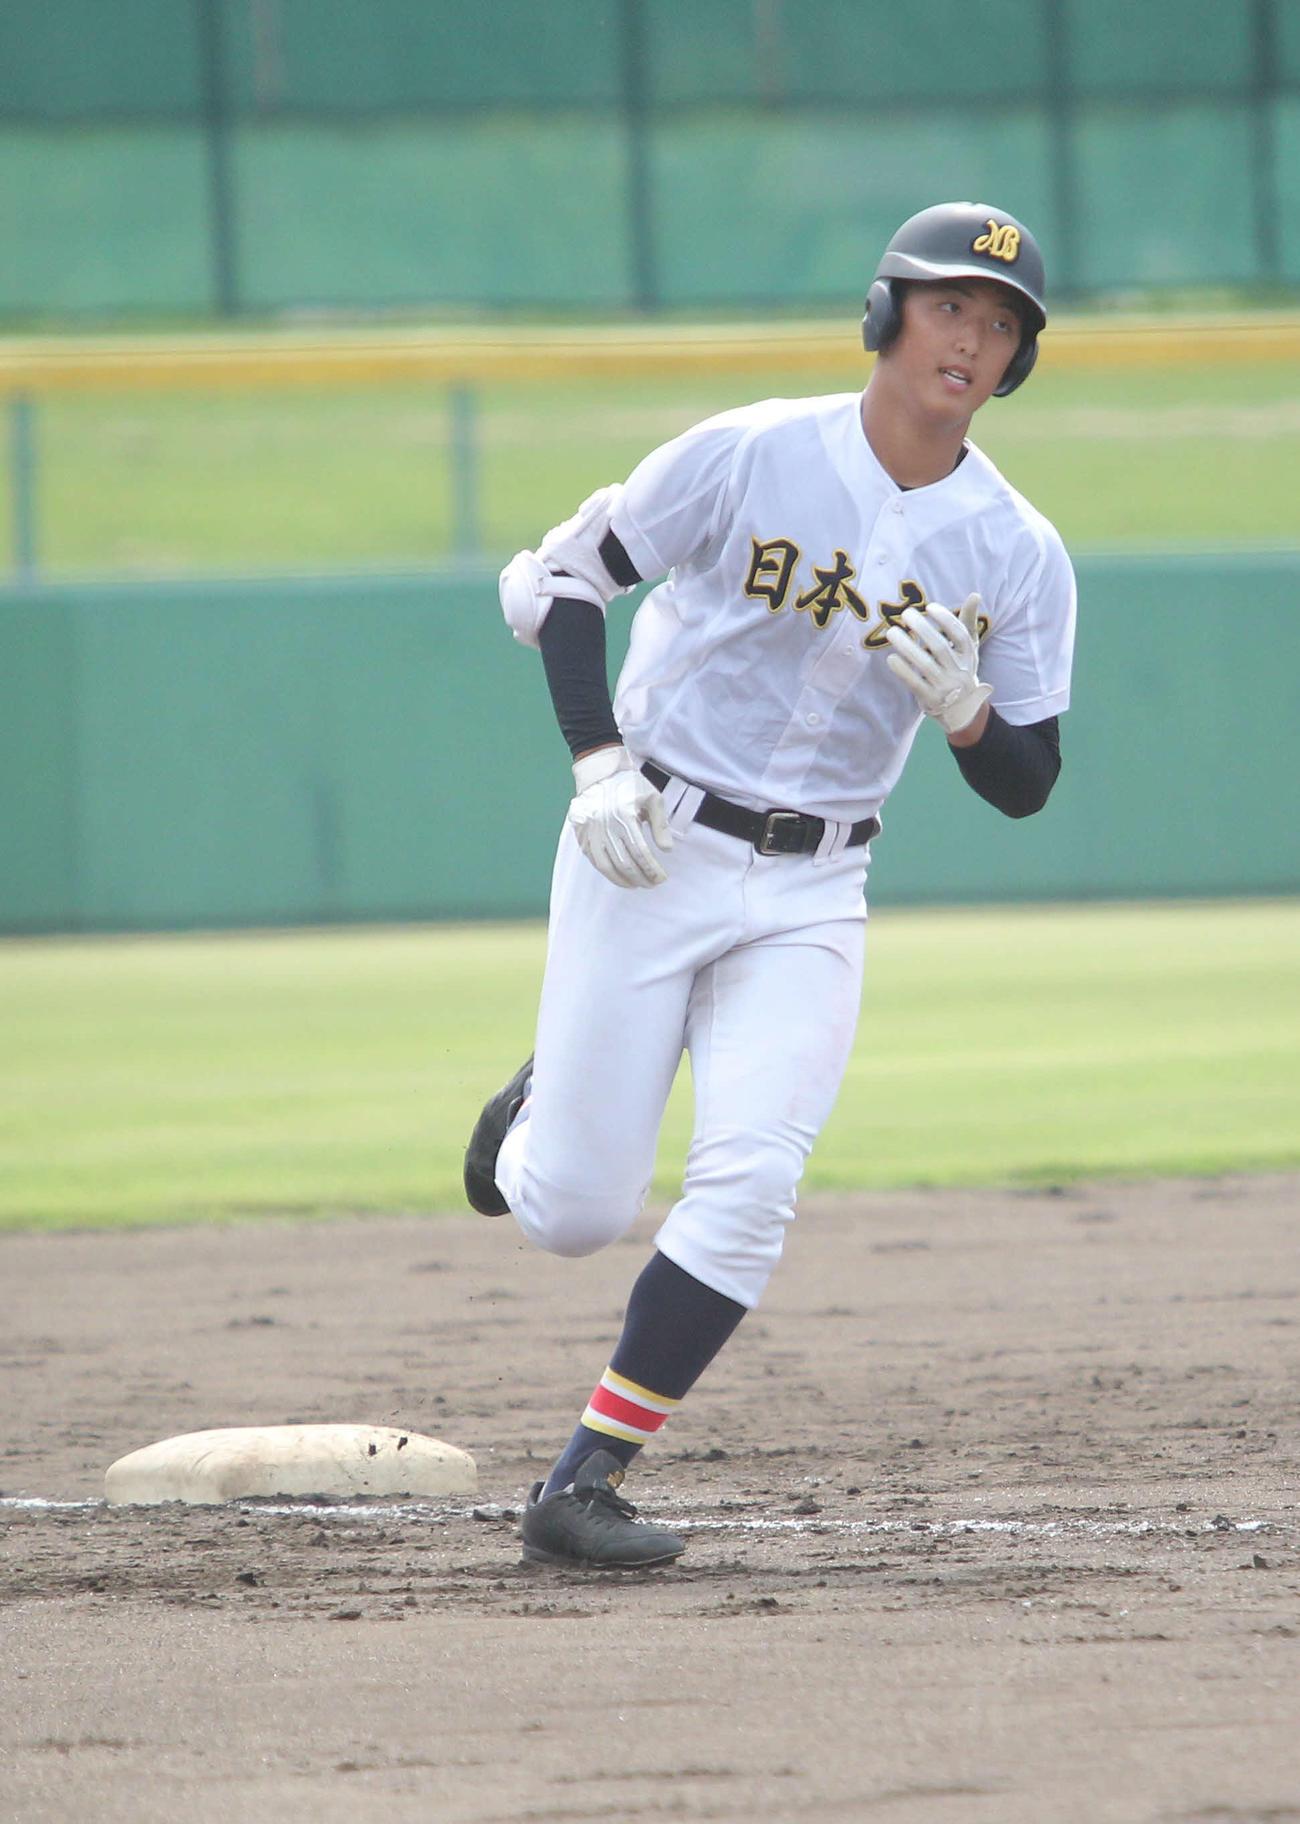 2回裏日本文理1死満塁、田中は満塁弾を放ち三塁を回る